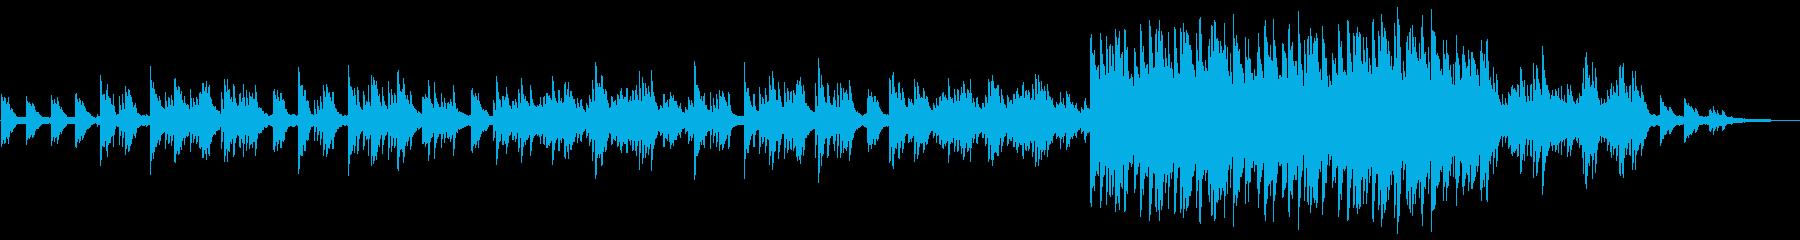 自然をイメージした切ないピアノのインストの再生済みの波形